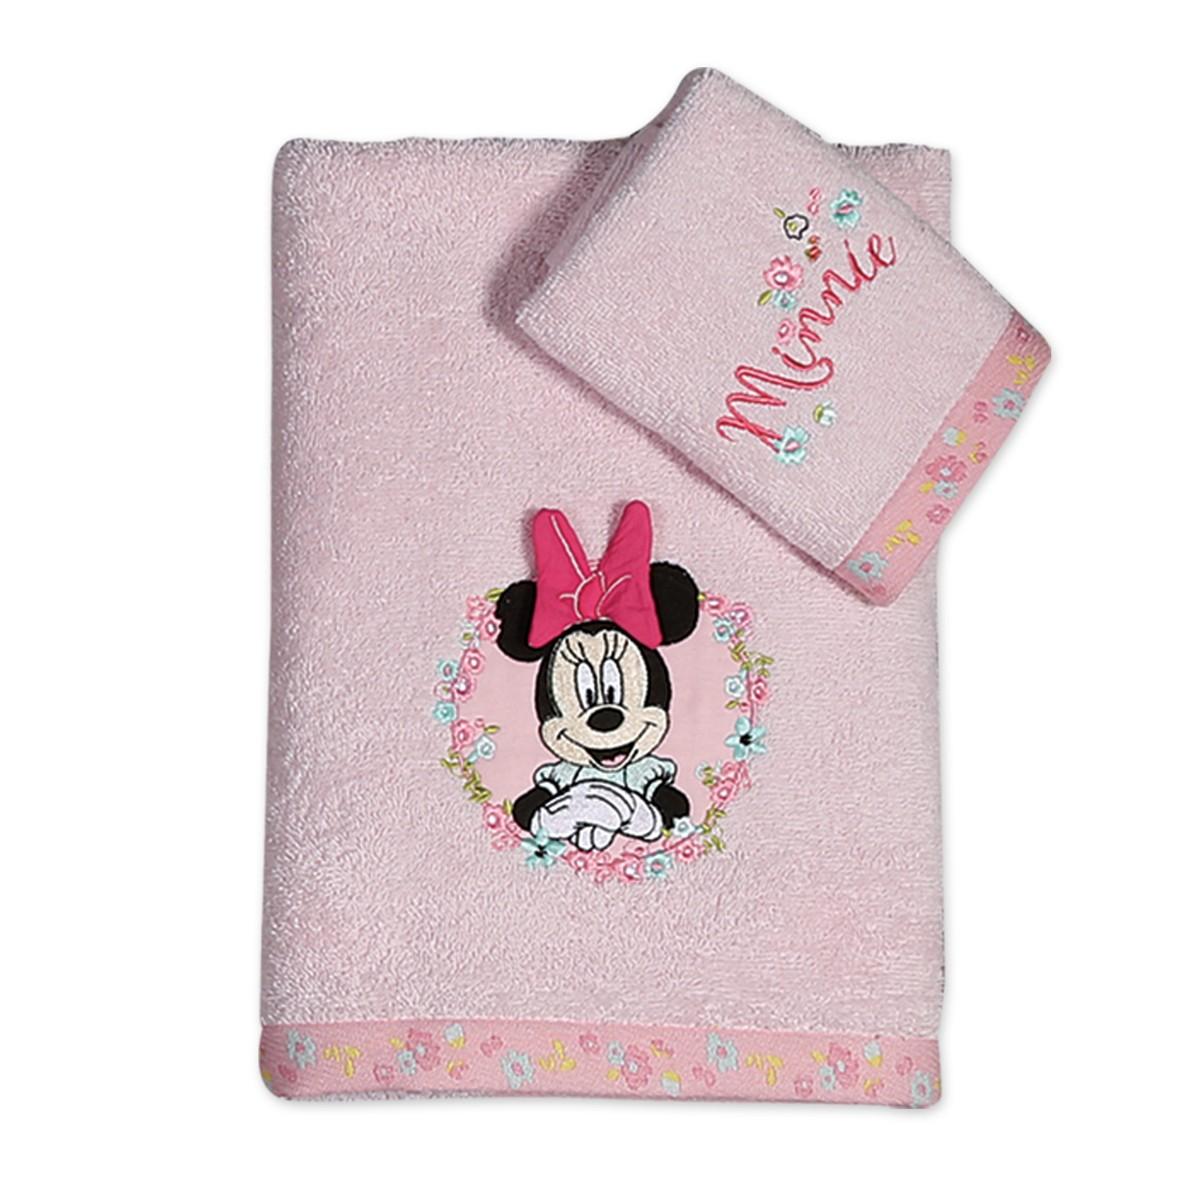 Βρεφικές Πετσέτες (Σετ 2τμχ) Nef-Nef Disney Minnie Little Flower